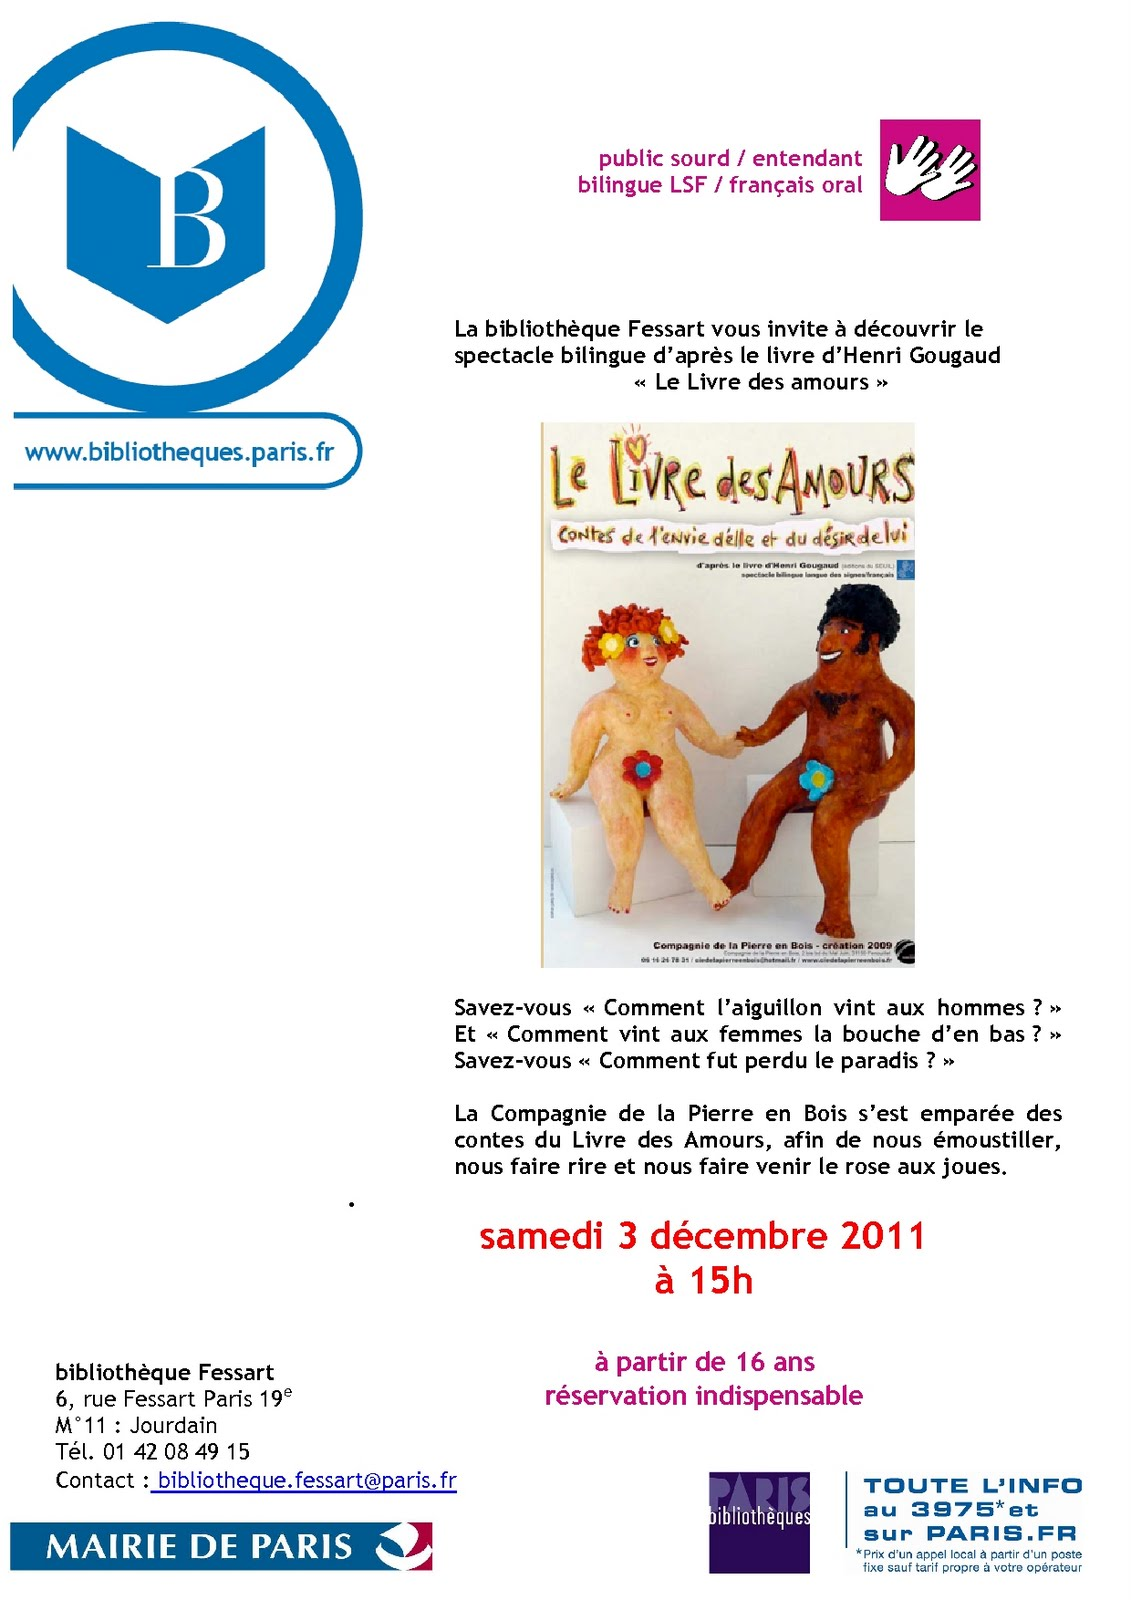 Delfi delfi joue le livre des amours samedi 3 d cembre - Livraison chronopost le samedi ...